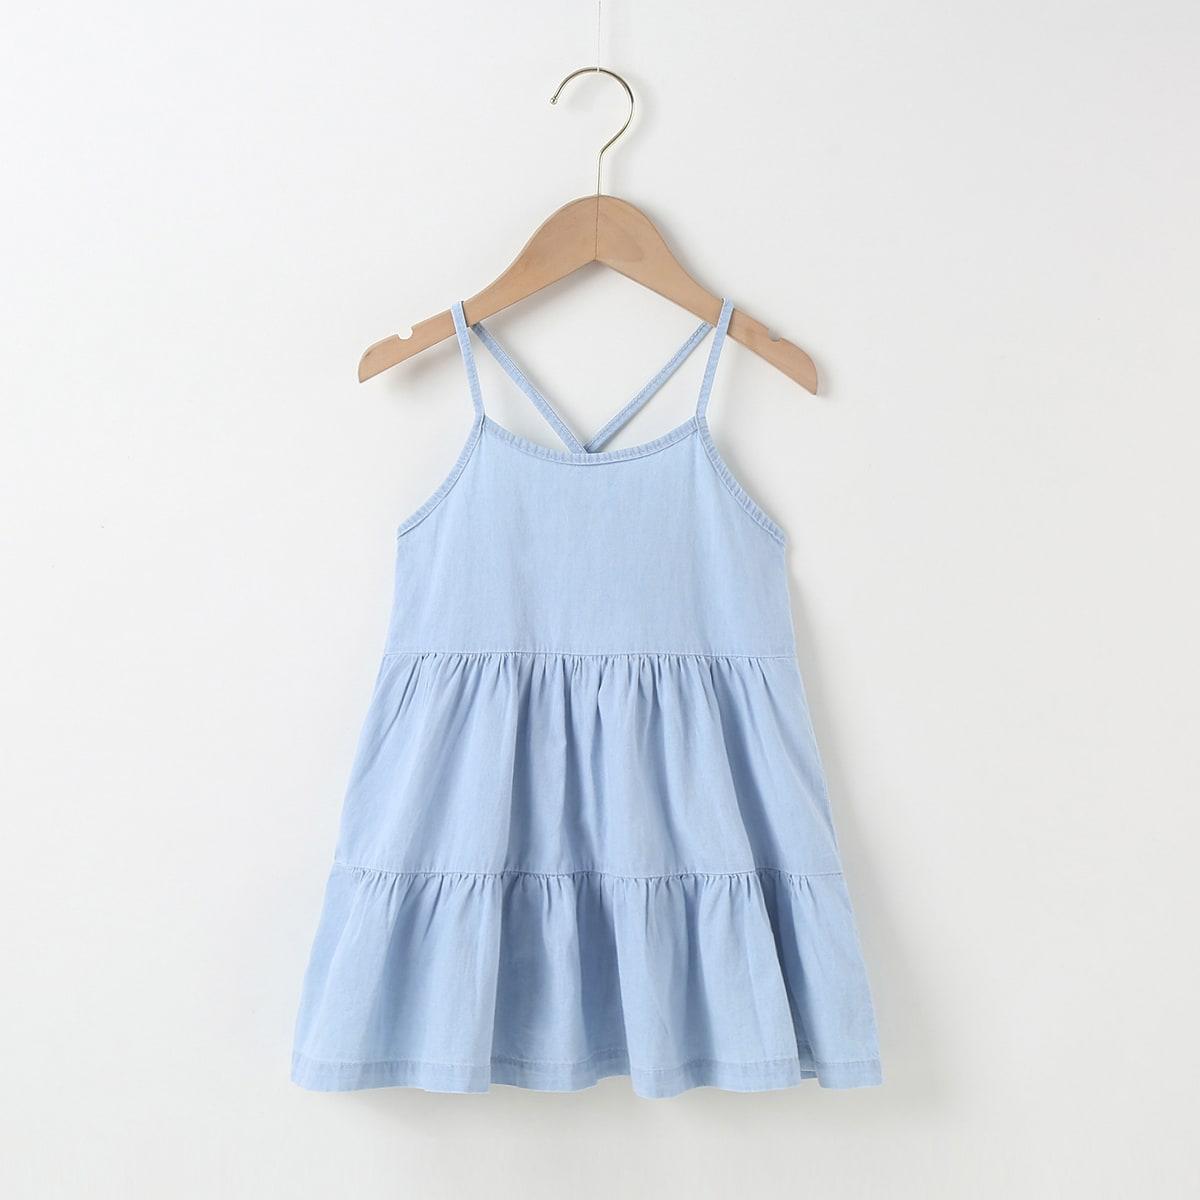 для девочек Джинсовое платье с оборками с перекрещенной спинкой SheIn skdress25210402846